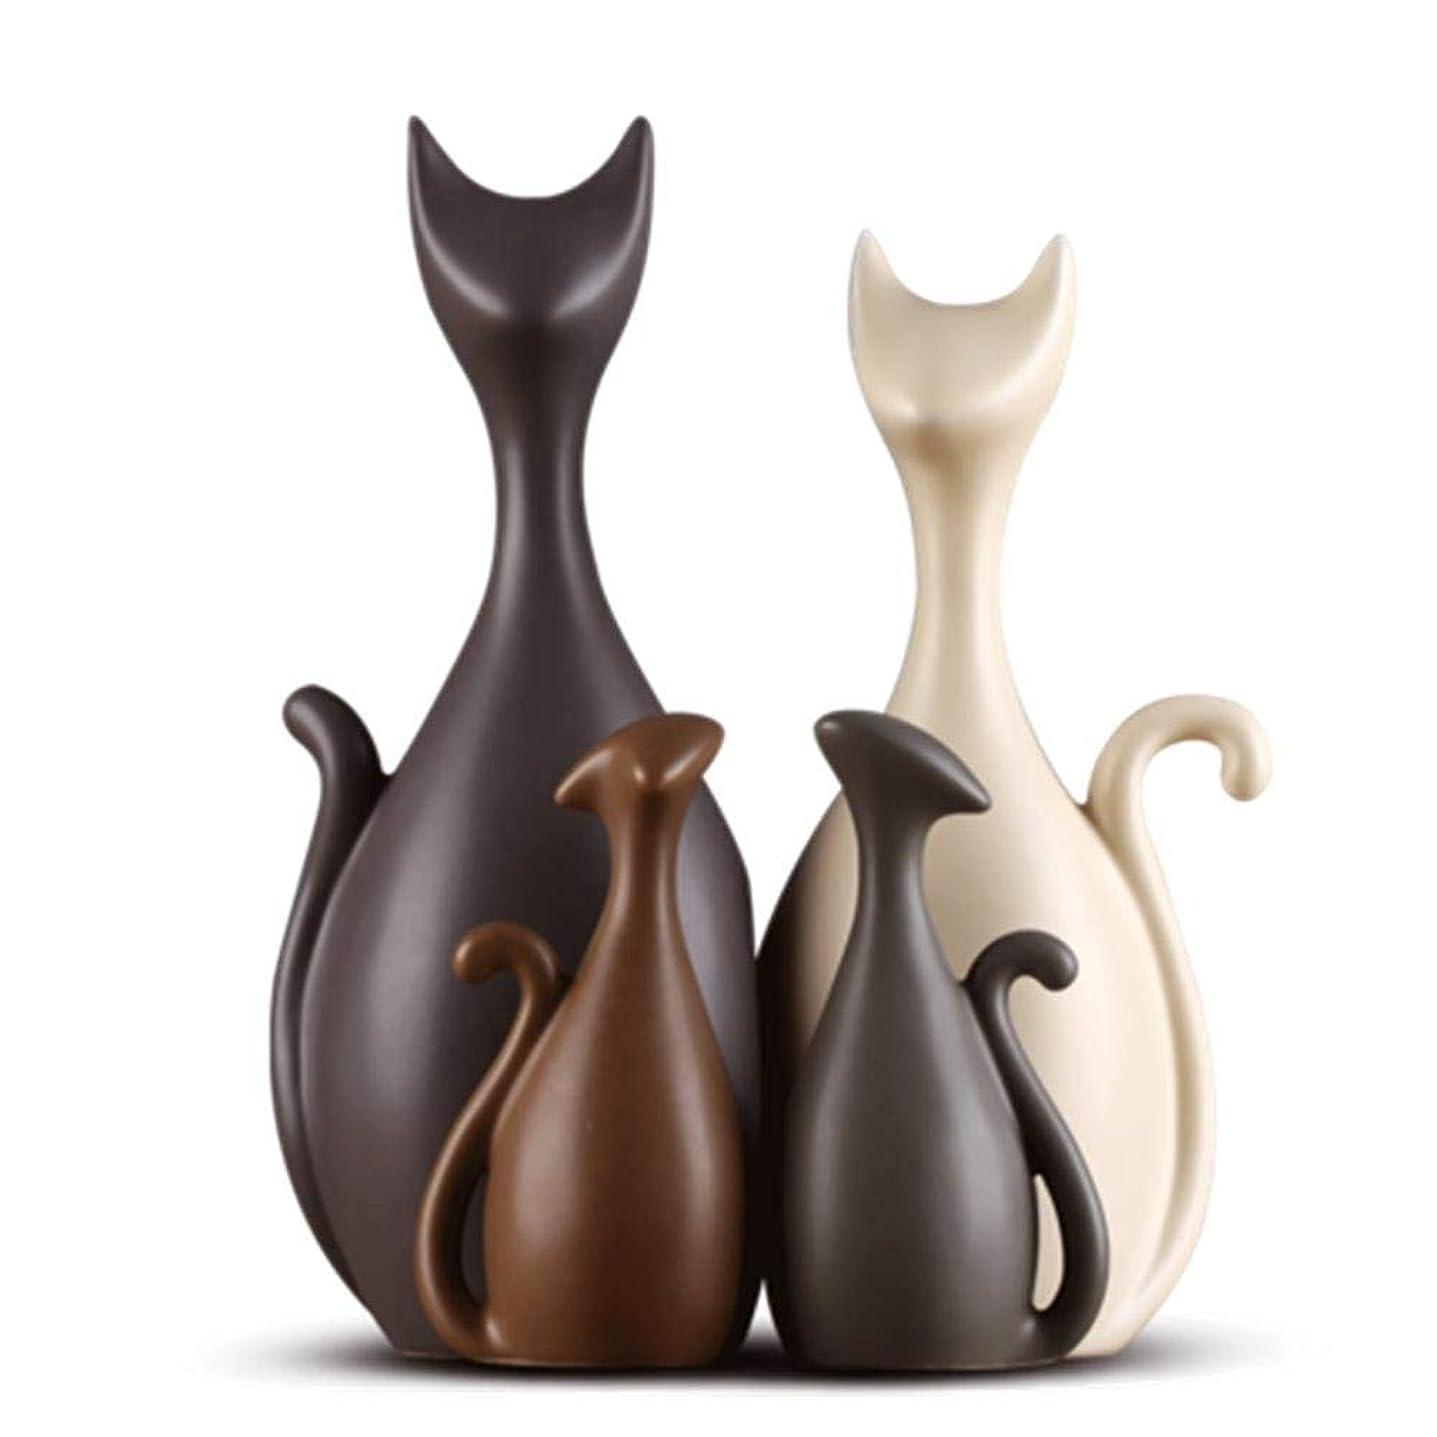 酔っ払い安定しましたブローホールGWM かわいい猫の家族陶器の装飾品、装飾品磁器、芸術創造的なカップルの贈り物、現代的なスタイルと創造的な装飾的な要素